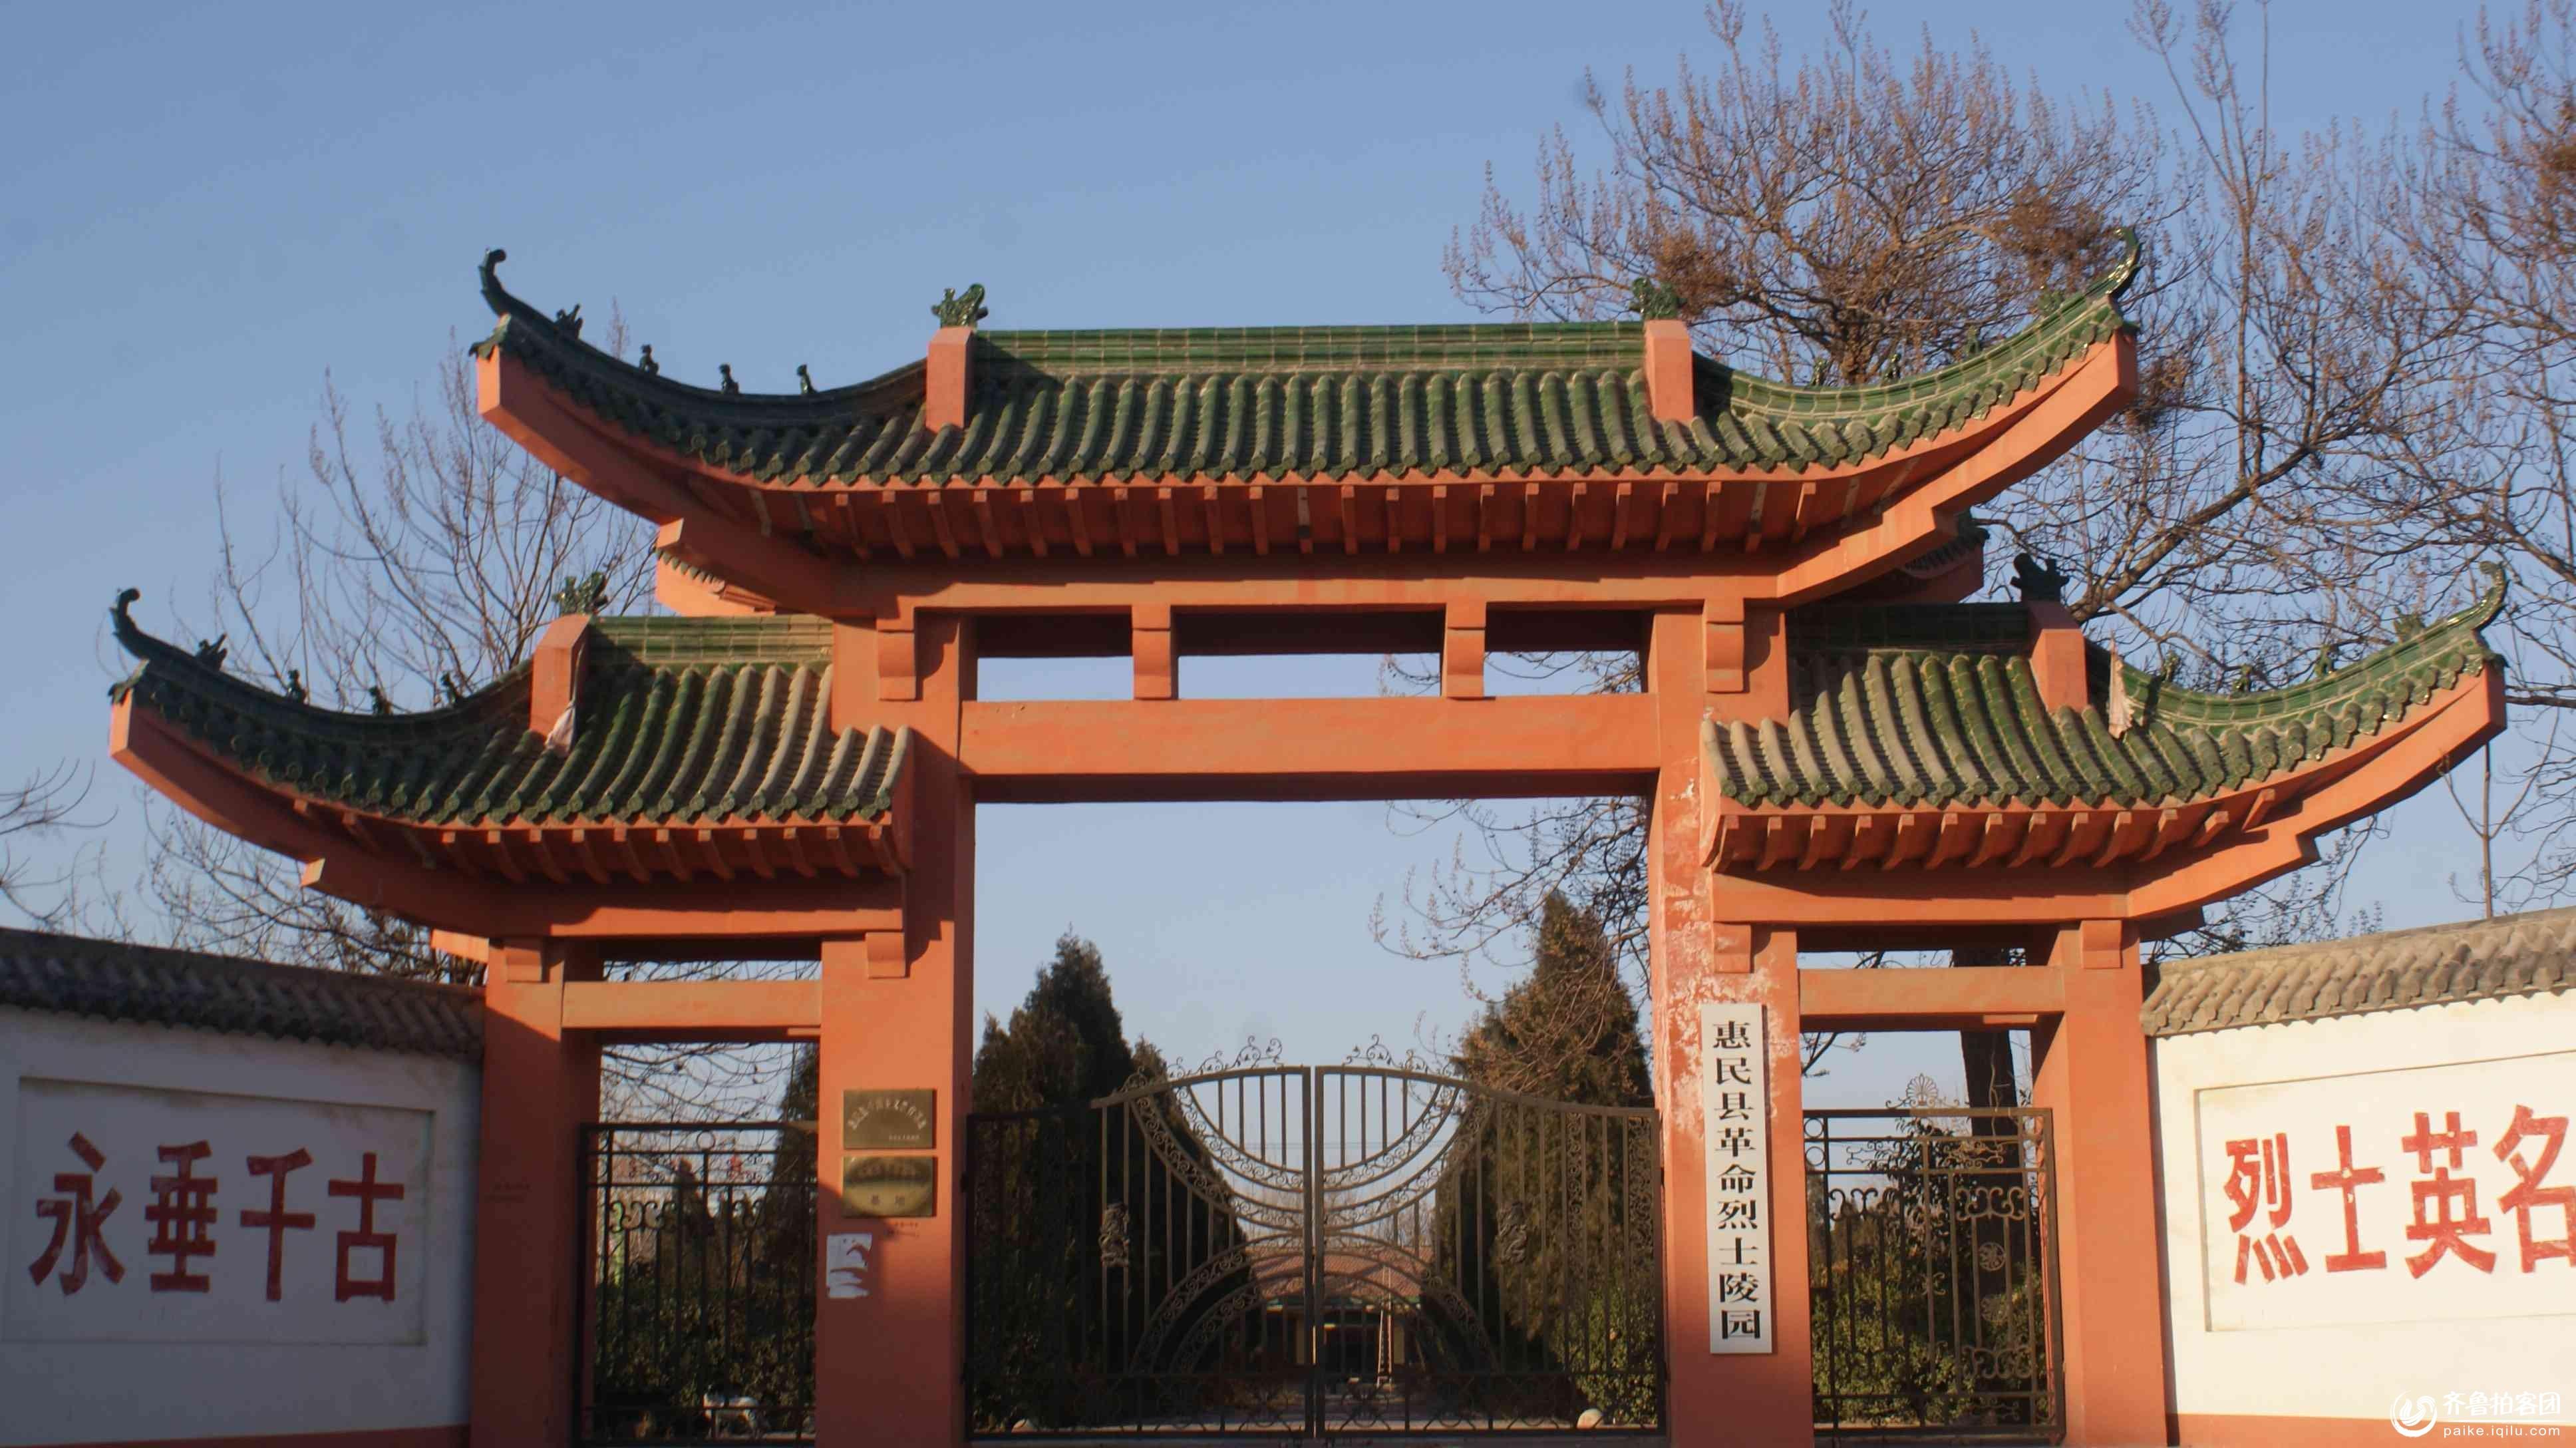 最后的惠民老烈士陵园